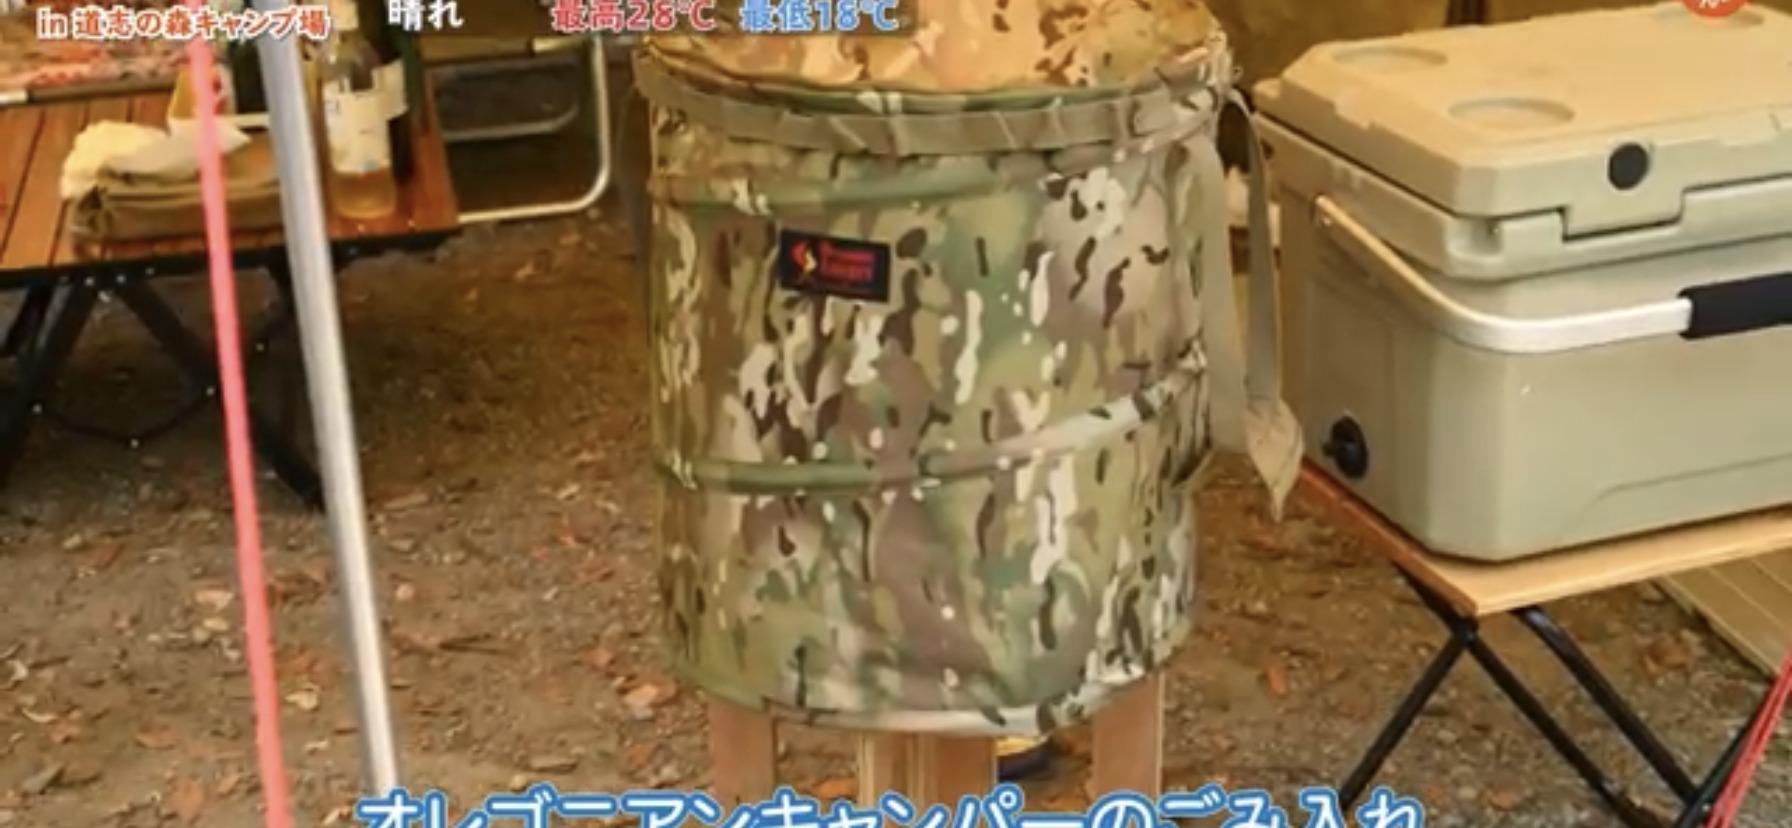 ゴミ箱:オレゴニアキャンパー  アウトドア ポップアップ トラッシュボックス R